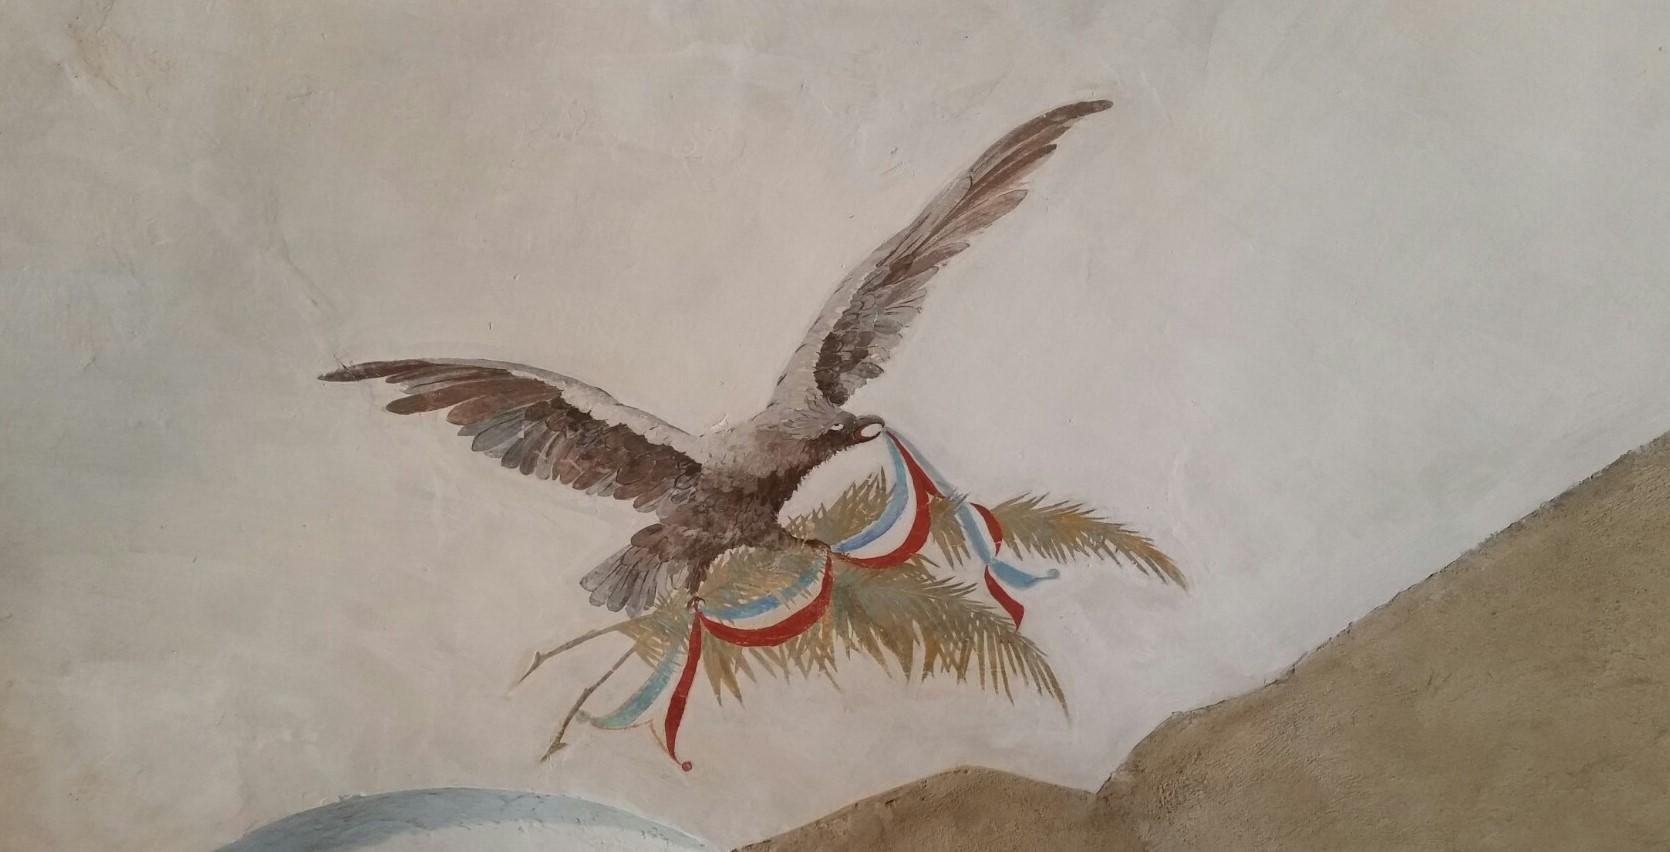 L'aquila sabauda strappa il tricolore rivoluzionario francese - immagine allegorica affrescata nella Fortezza di Fenestrelle